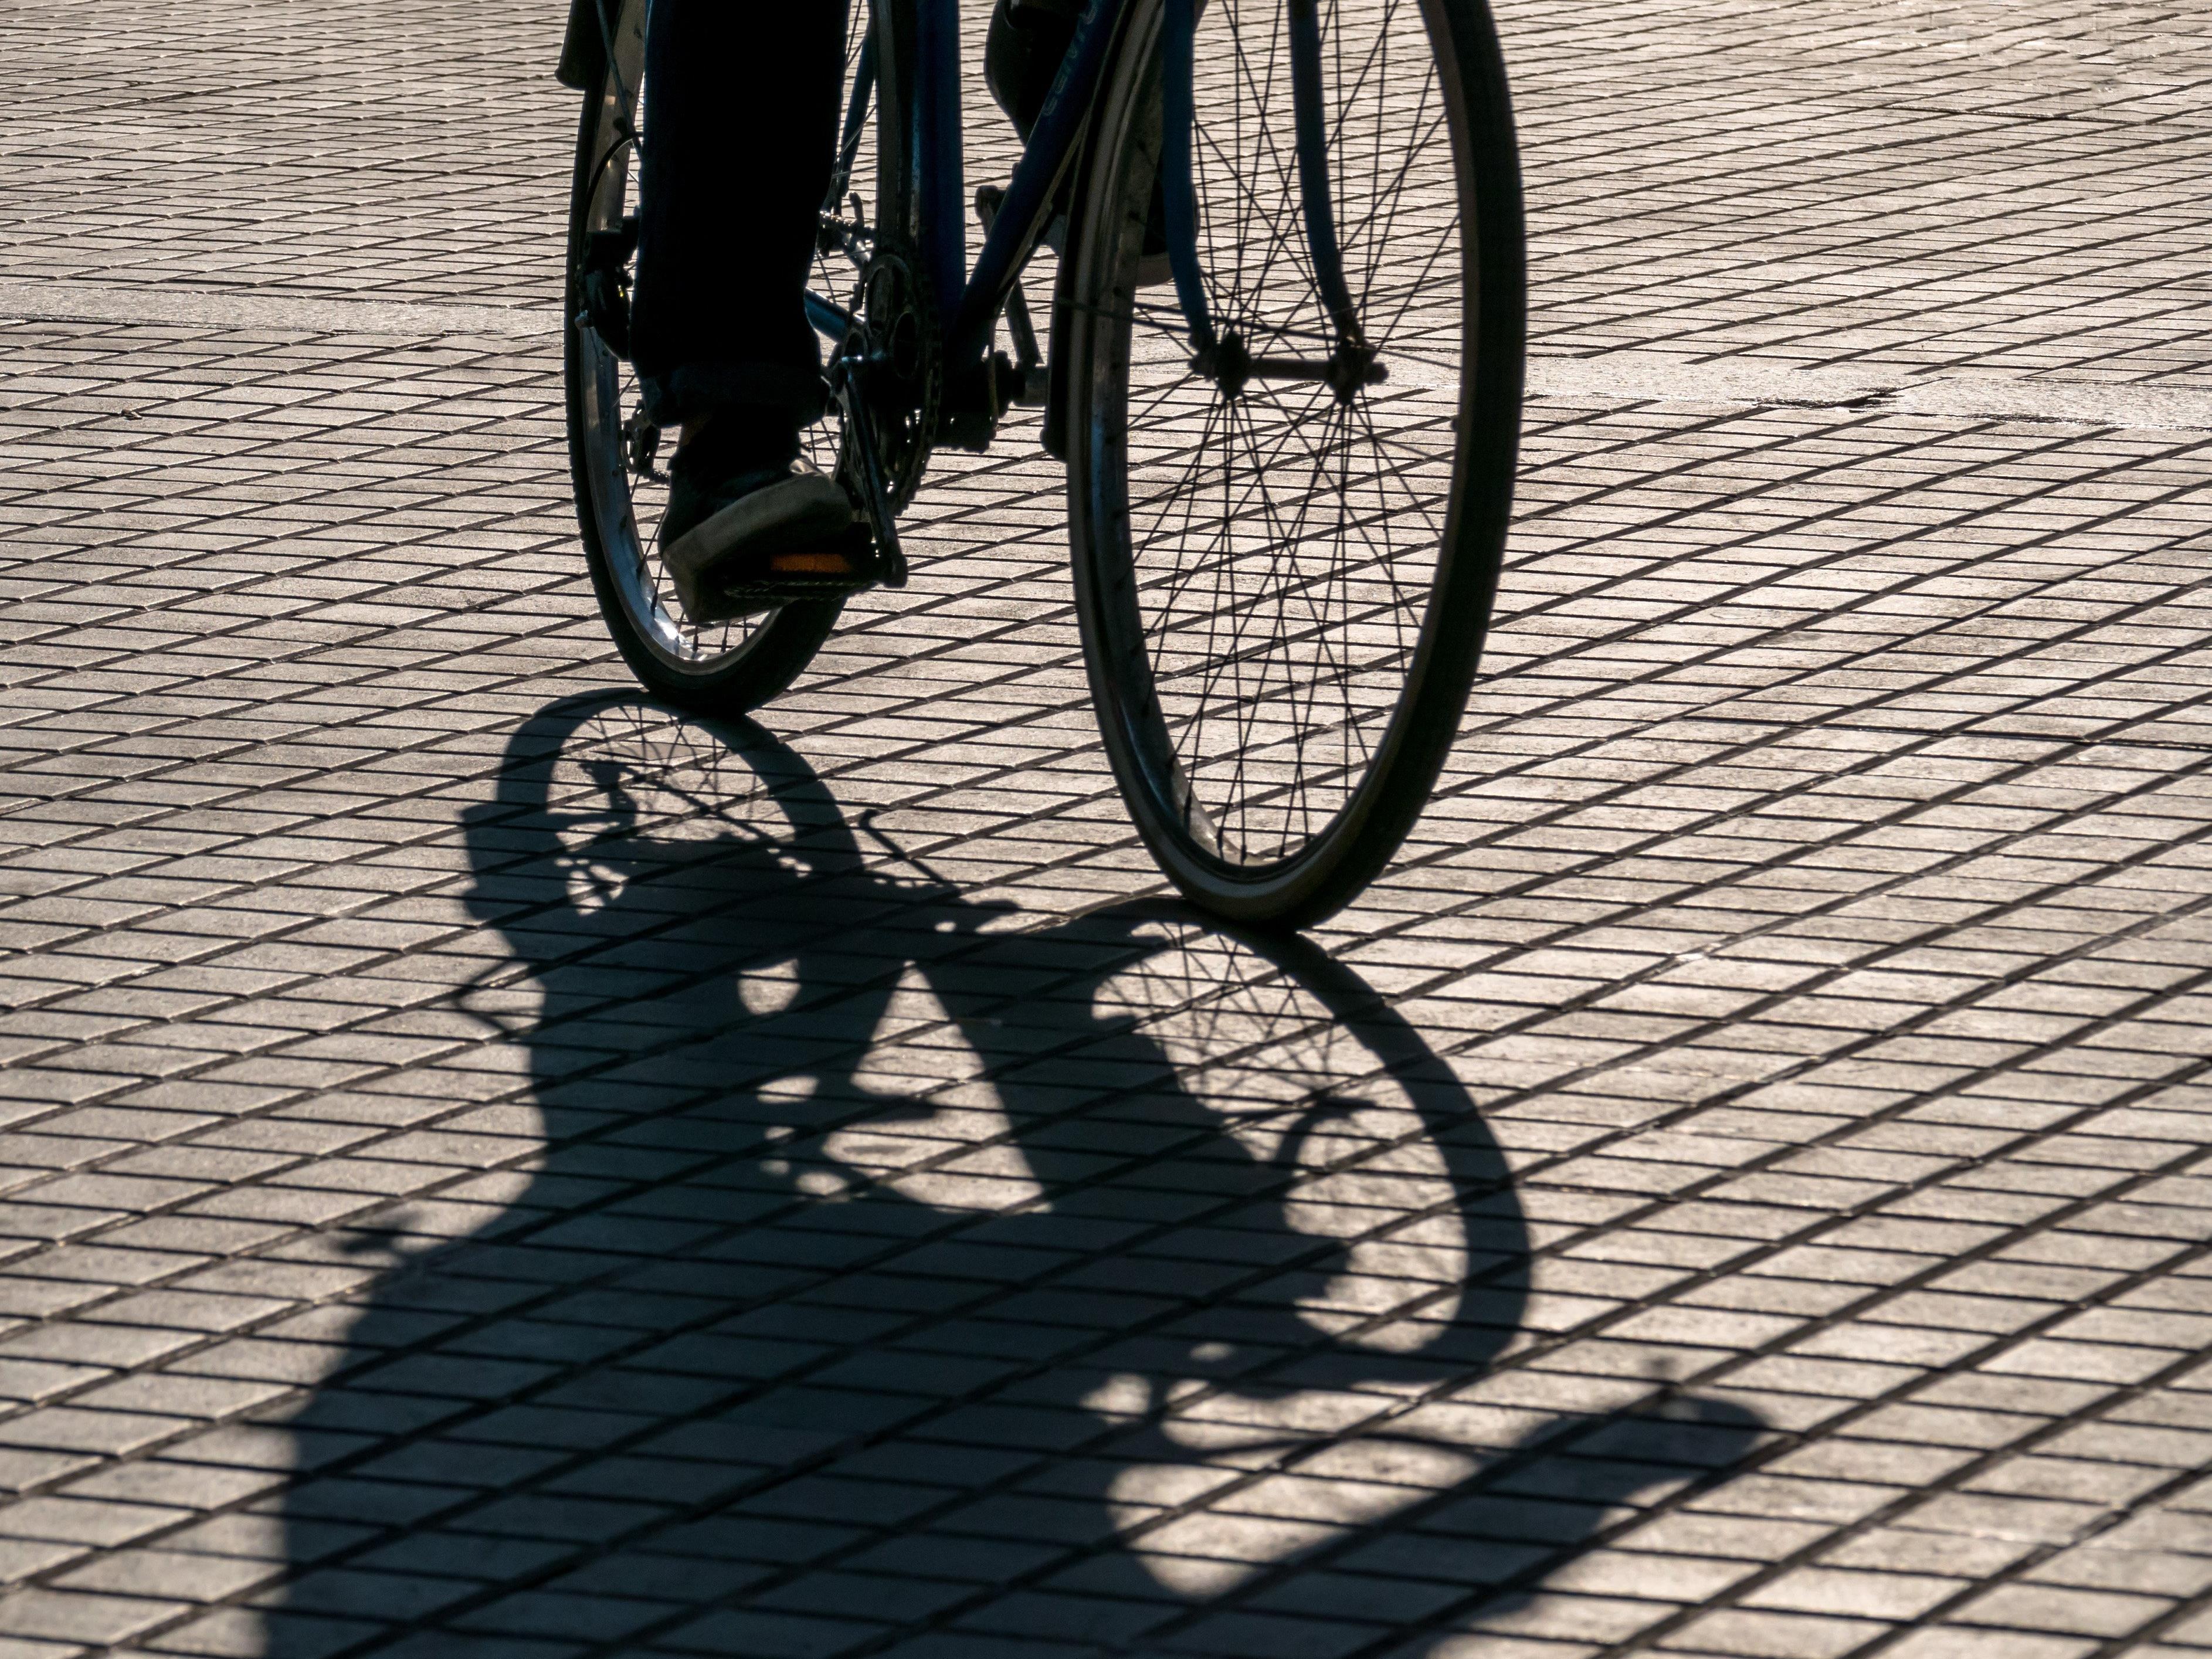 Unfall beim Ausparken: Pkw-Lenkerin touchierte Radfahrer.